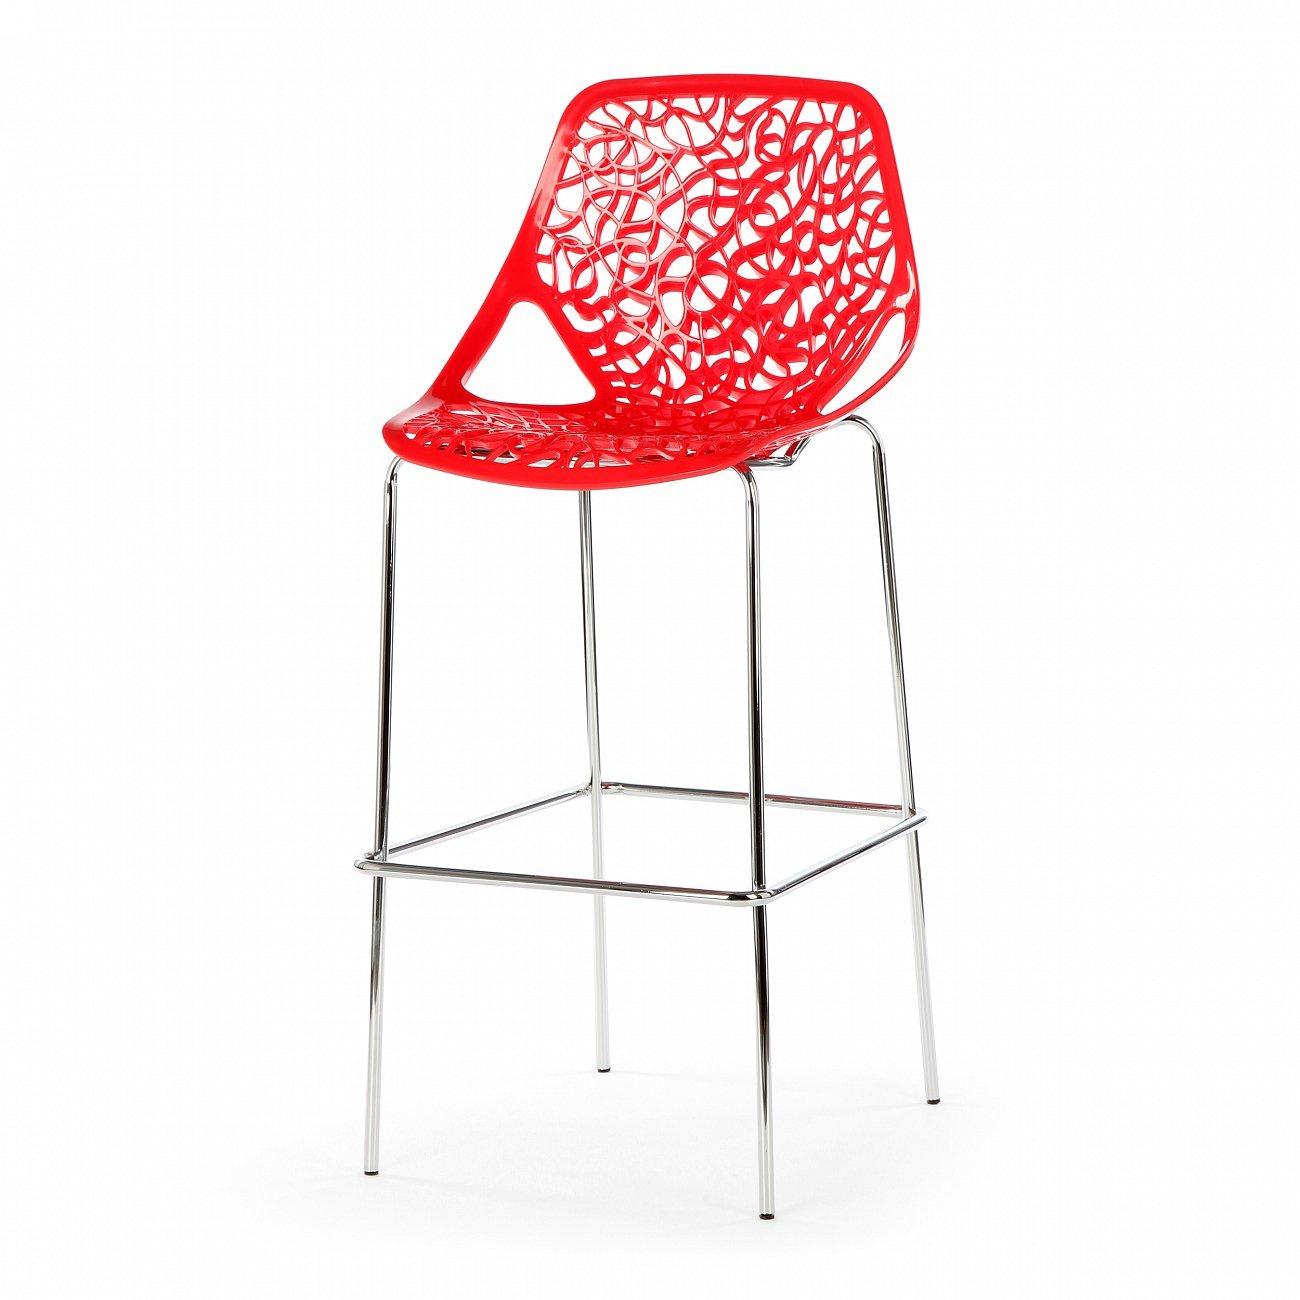 Купить Барный стул Caprice Красный в интернет магазине дизайнерской мебели и аксессуаров для дома и дачи